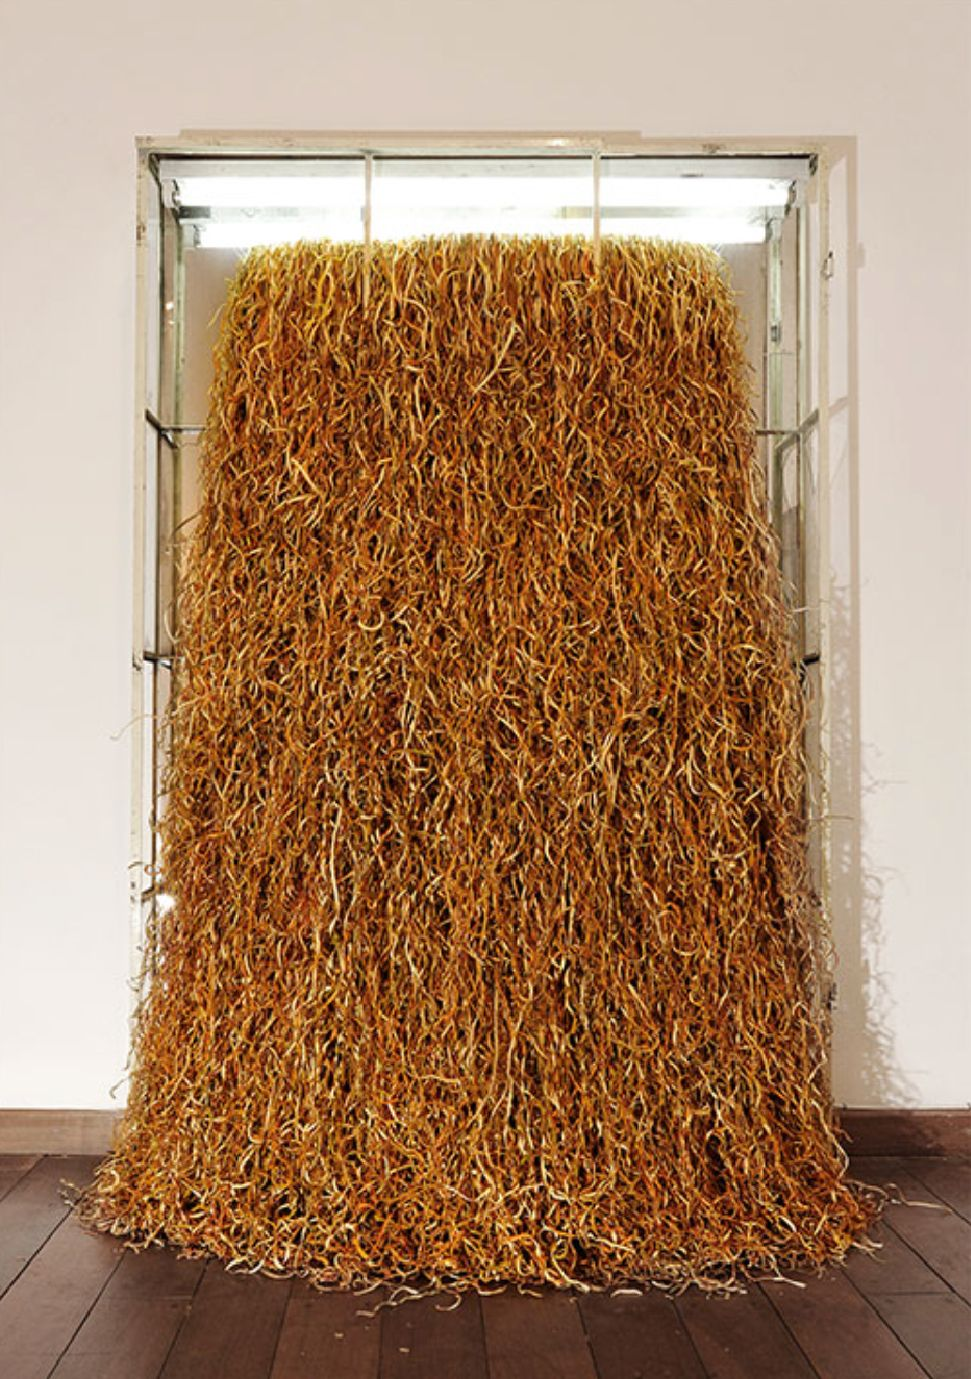 Andrés Bedoya, Sin título (naranjas), cáscaras de naranjas, vitrina. Cortesía: Galería Metales Pesados Visual, Santiago de Chile